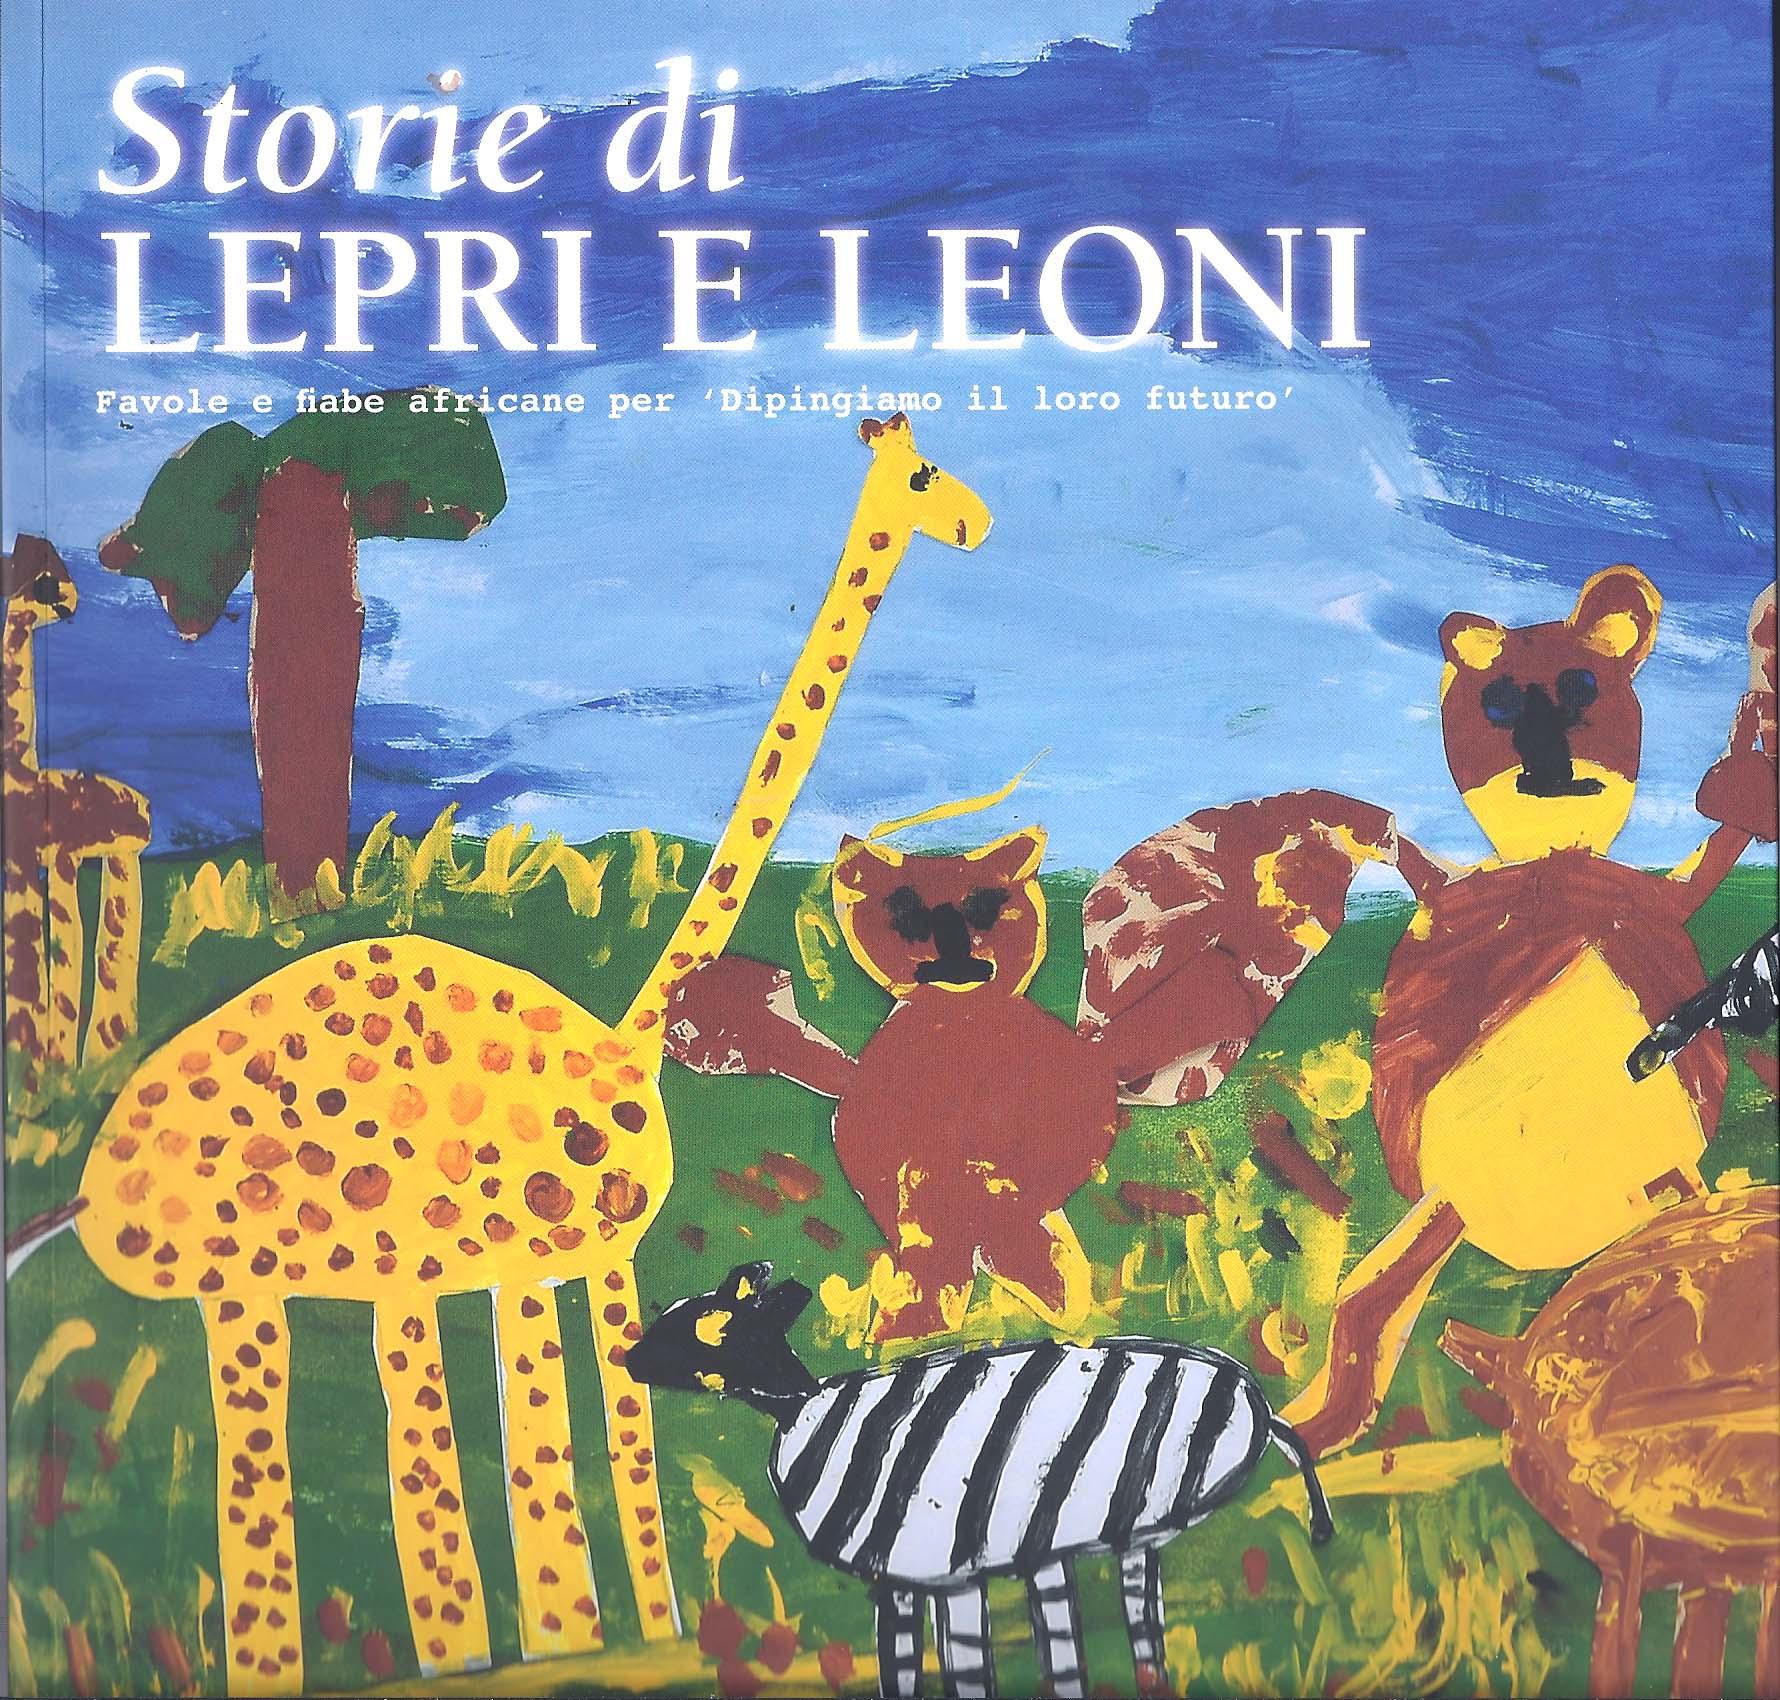 Storie di lepri e leoni